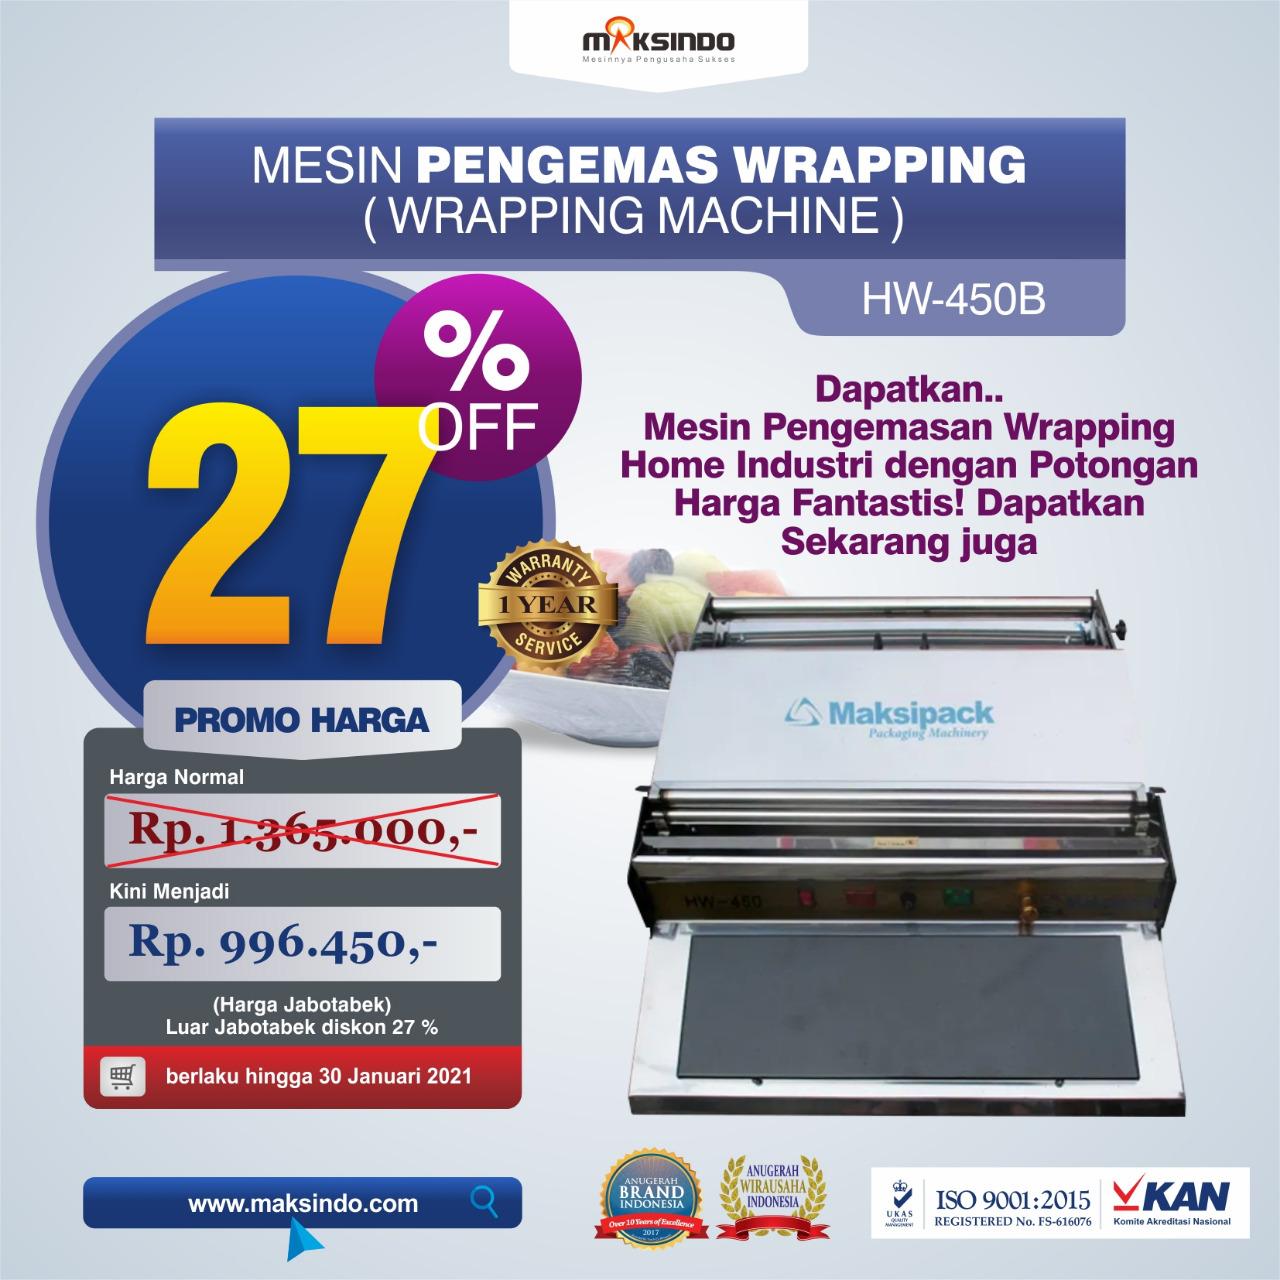 Jual Mesin Wrapping Makanan HW-450B di Bekasi